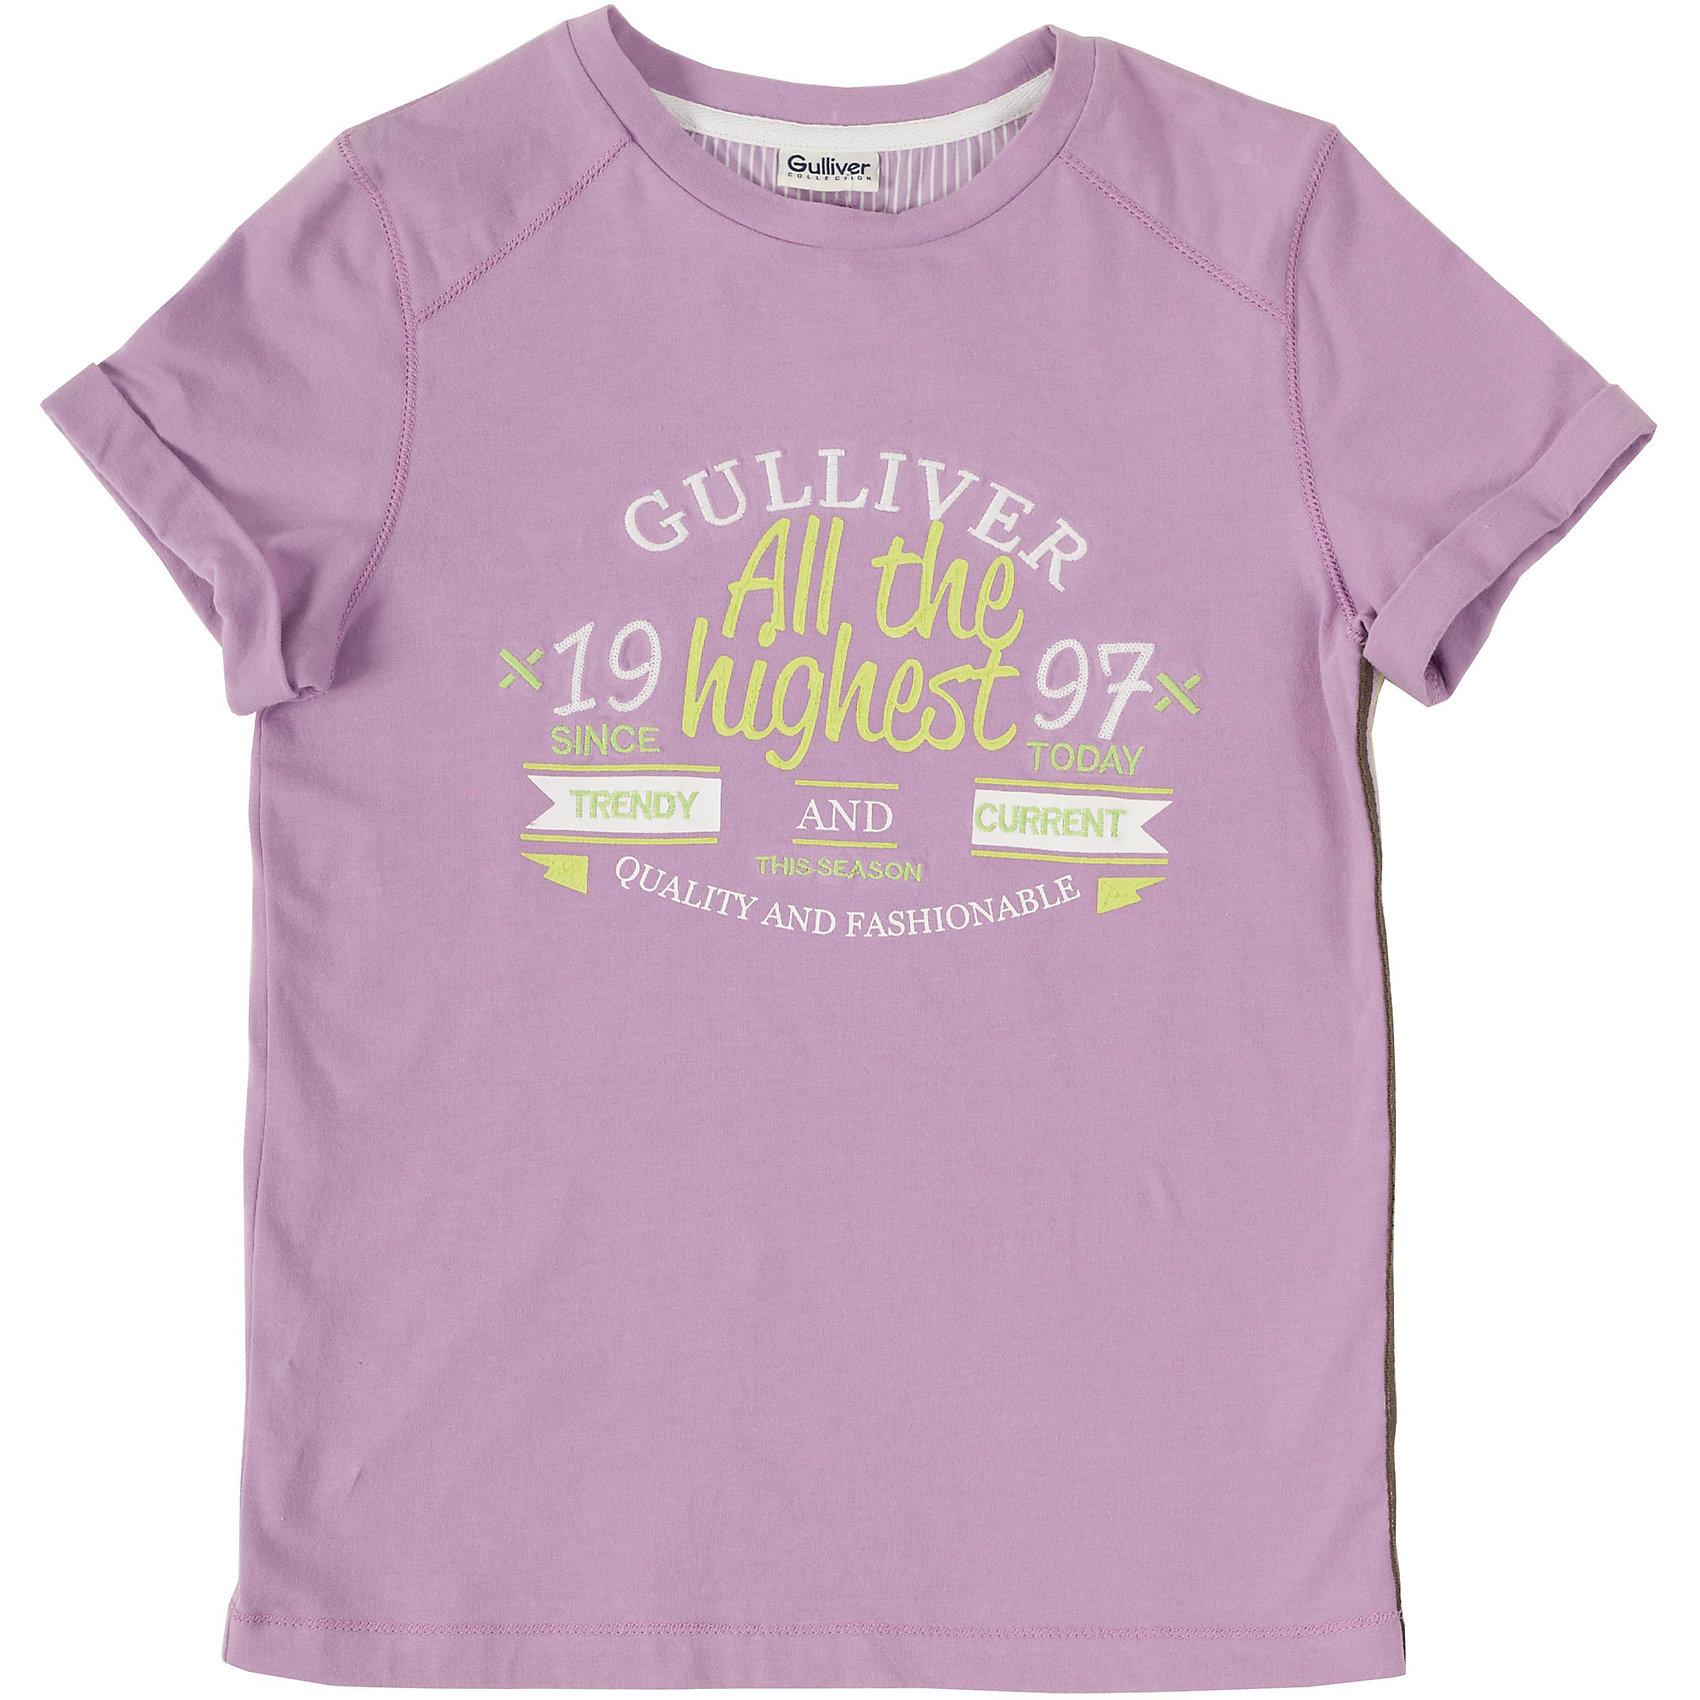 Футболка для мальчика GulliverСтильная футболка - изделие из разряда must have! Мягкий хлопок с эластаном обеспечит прекрасный внешний вид и комфорт в повседневной носке. Вы хотите купить интересную цветную футболку для мальчика? Предпочитаете приобрести модную необычную футболку и качественную брендовую вещь, которая добавит в летний гардероб ребенка изюминку и индивидуальность? Тогда эта классная футболка с принтом - отличный выбор!<br>Состав:<br>95% хлопок           5% эластан<br><br>Ширина мм: 199<br>Глубина мм: 10<br>Высота мм: 161<br>Вес г: 151<br>Цвет: фиолетовый<br>Возраст от месяцев: 84<br>Возраст до месяцев: 96<br>Пол: Мужской<br>Возраст: Детский<br>Размер: 128,134,140,152,158,146<br>SKU: 4534255